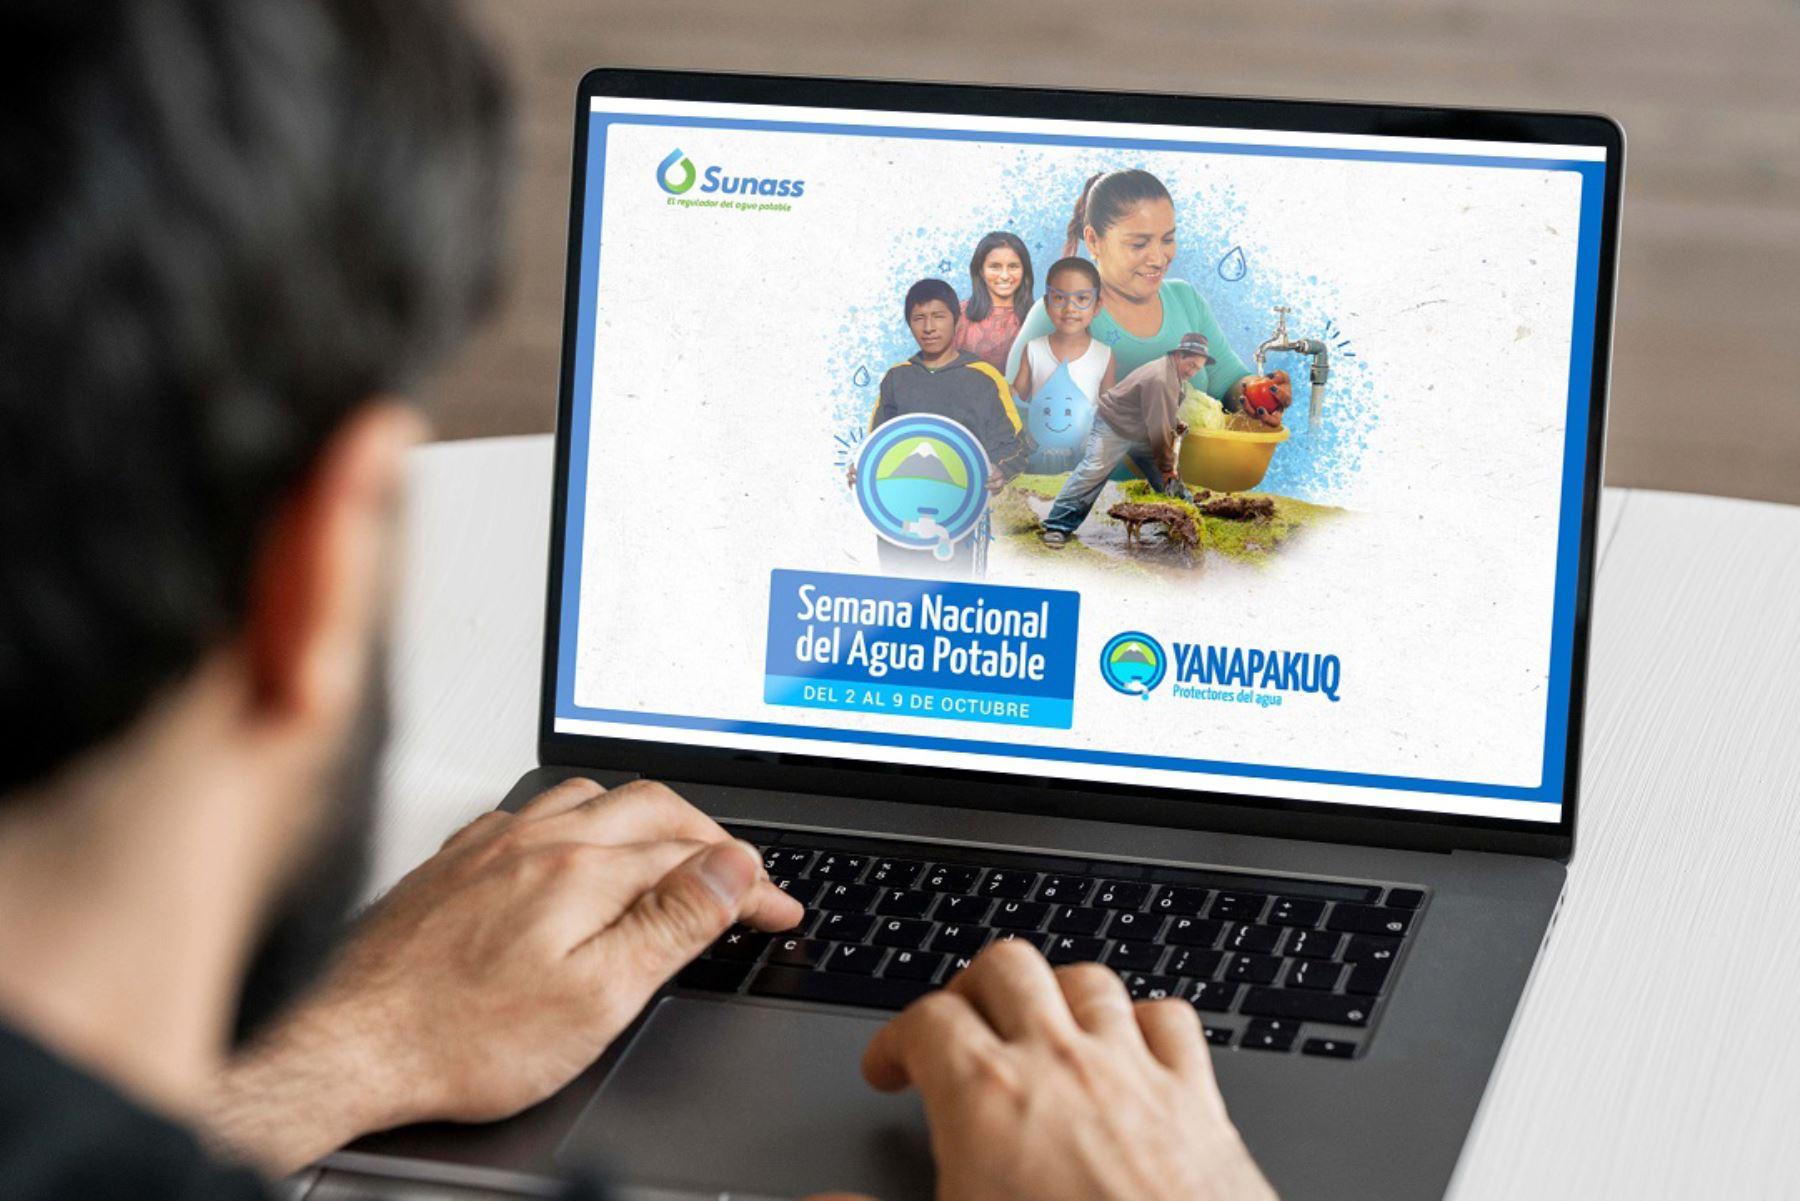 Sunass anuncia actividades para promover uso responsable del agua potable